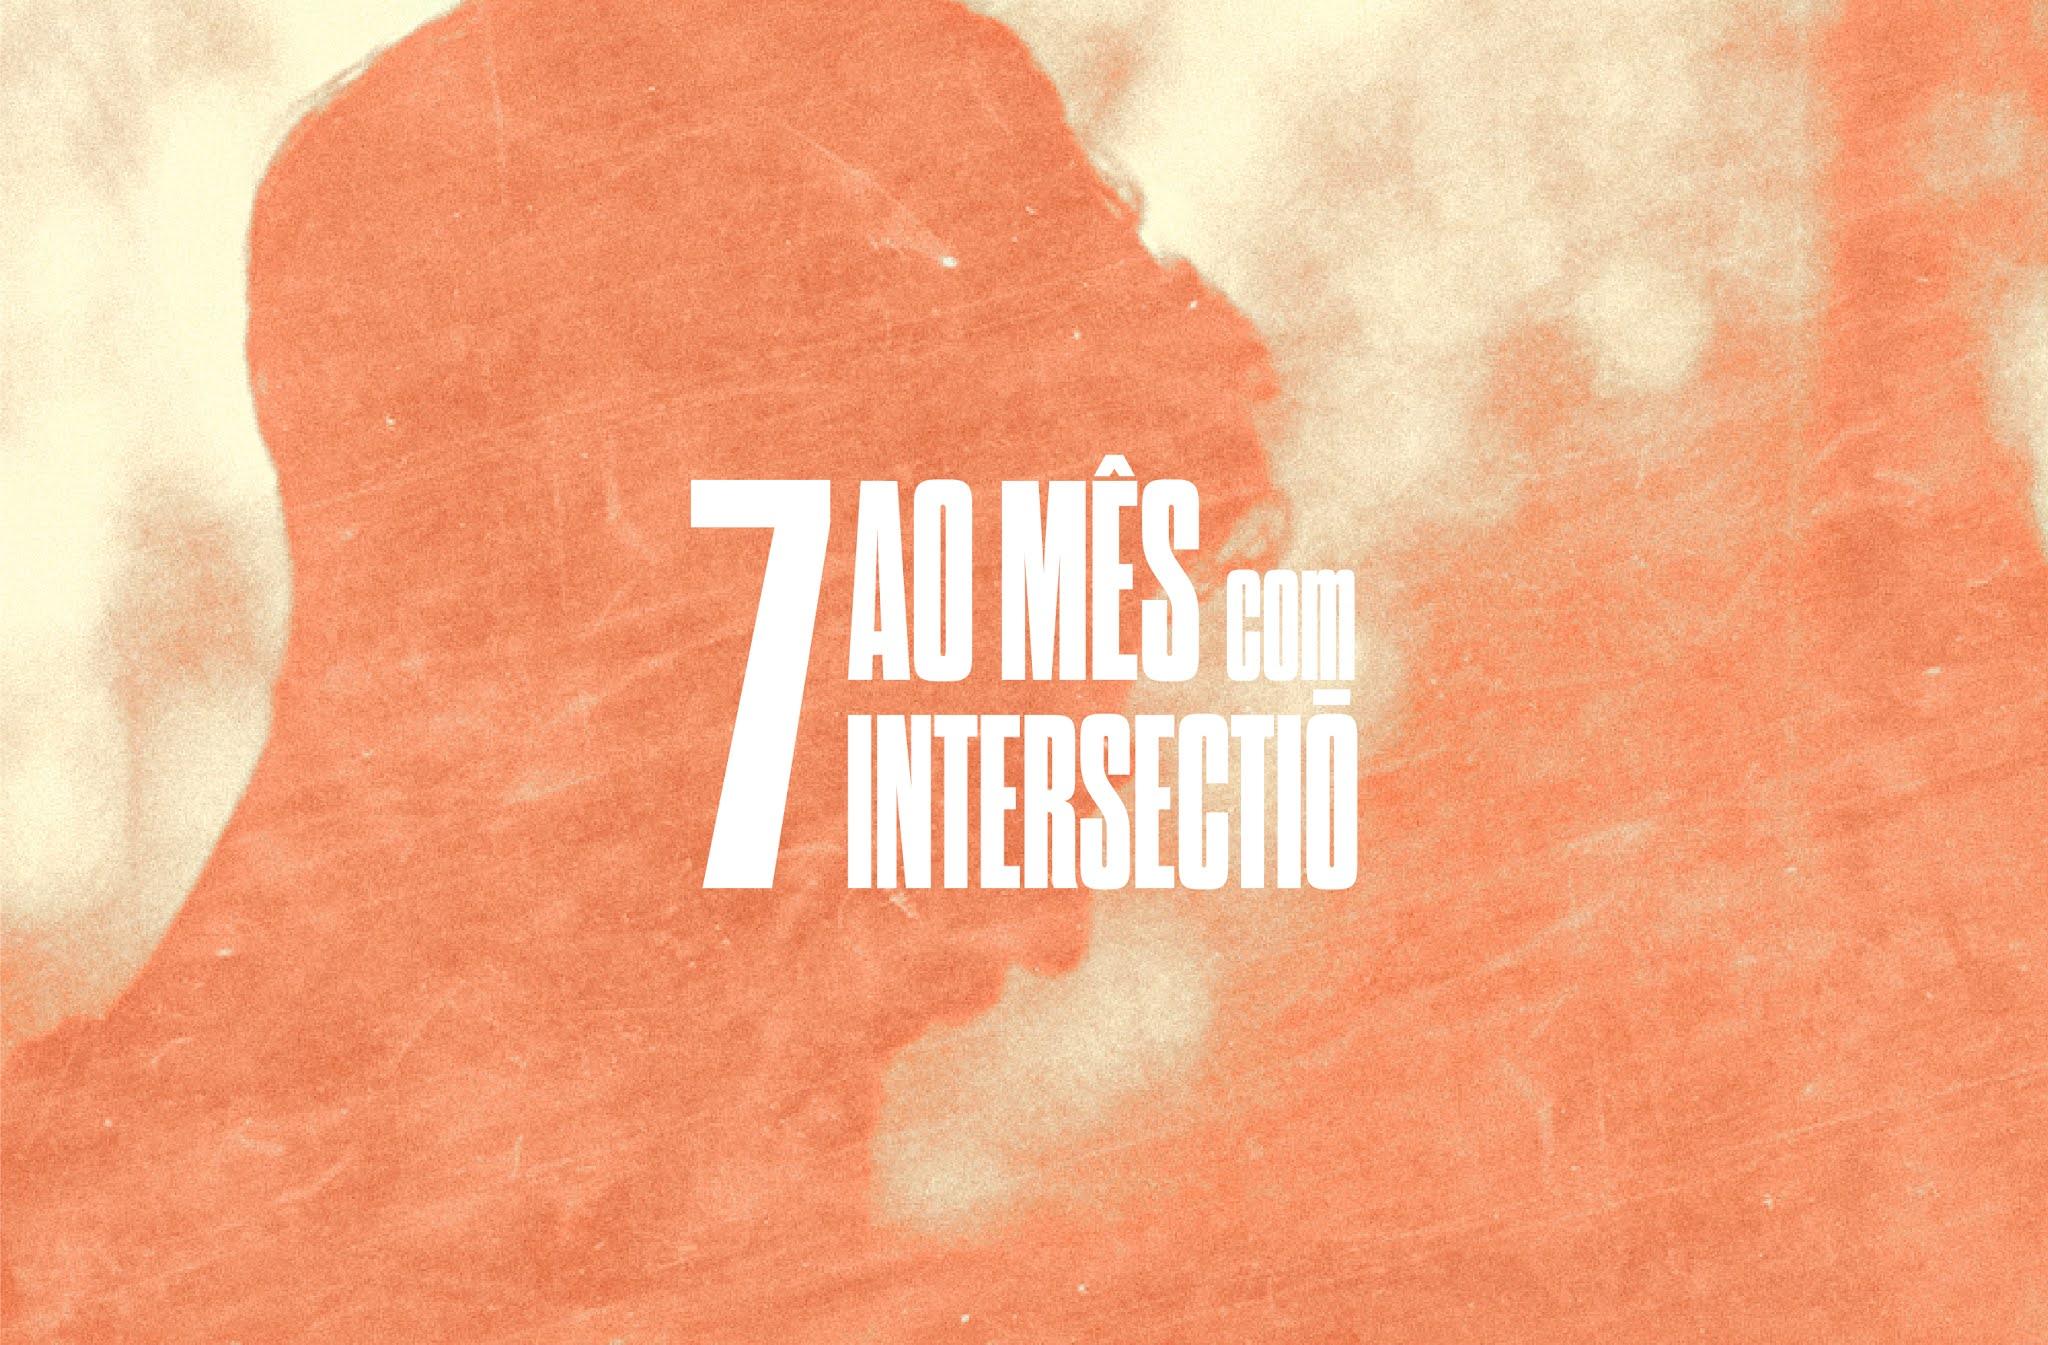 7 ao mês com ∩ (intersectiō)